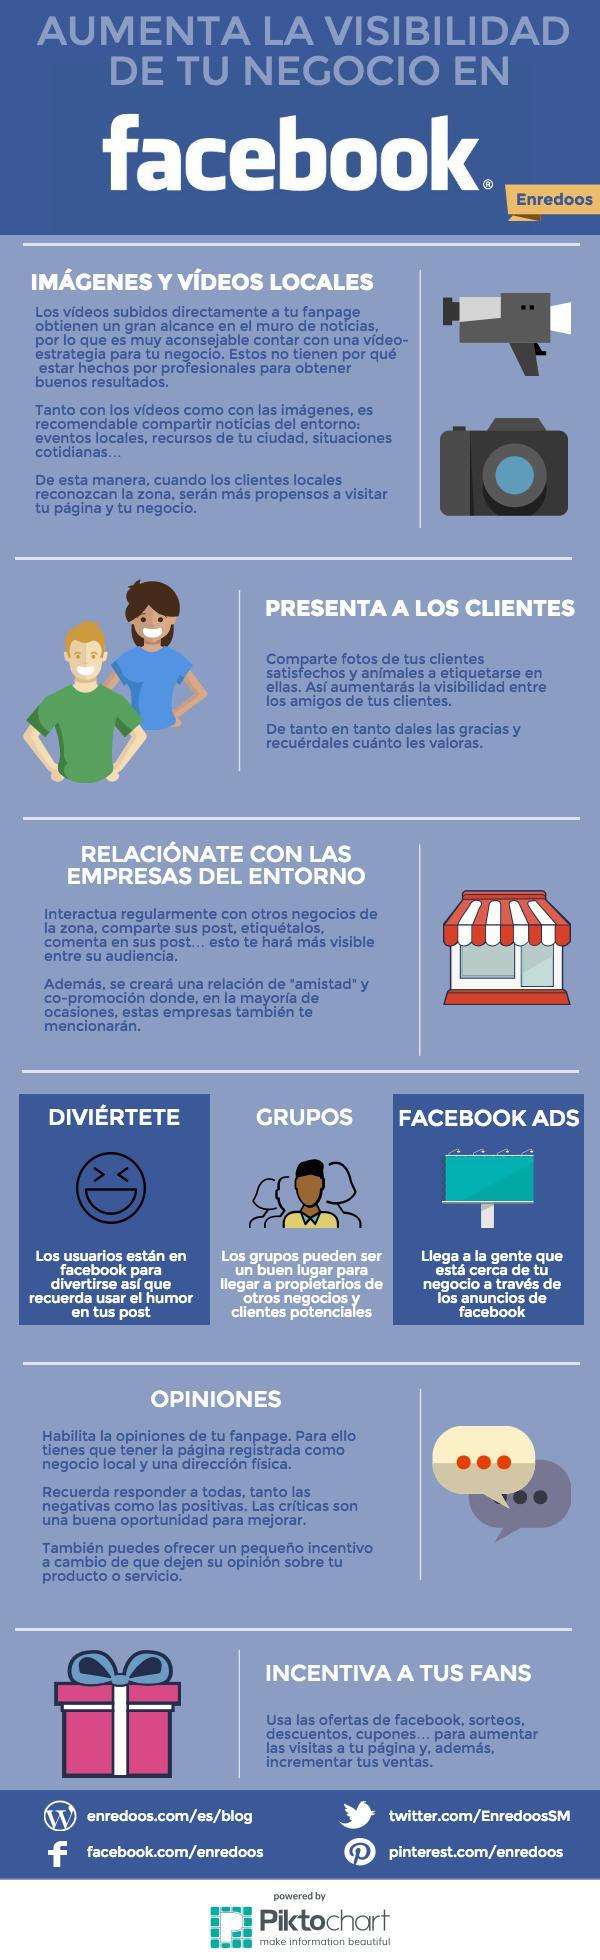 Aumenta la visibilidad de tu empresa en Facebook